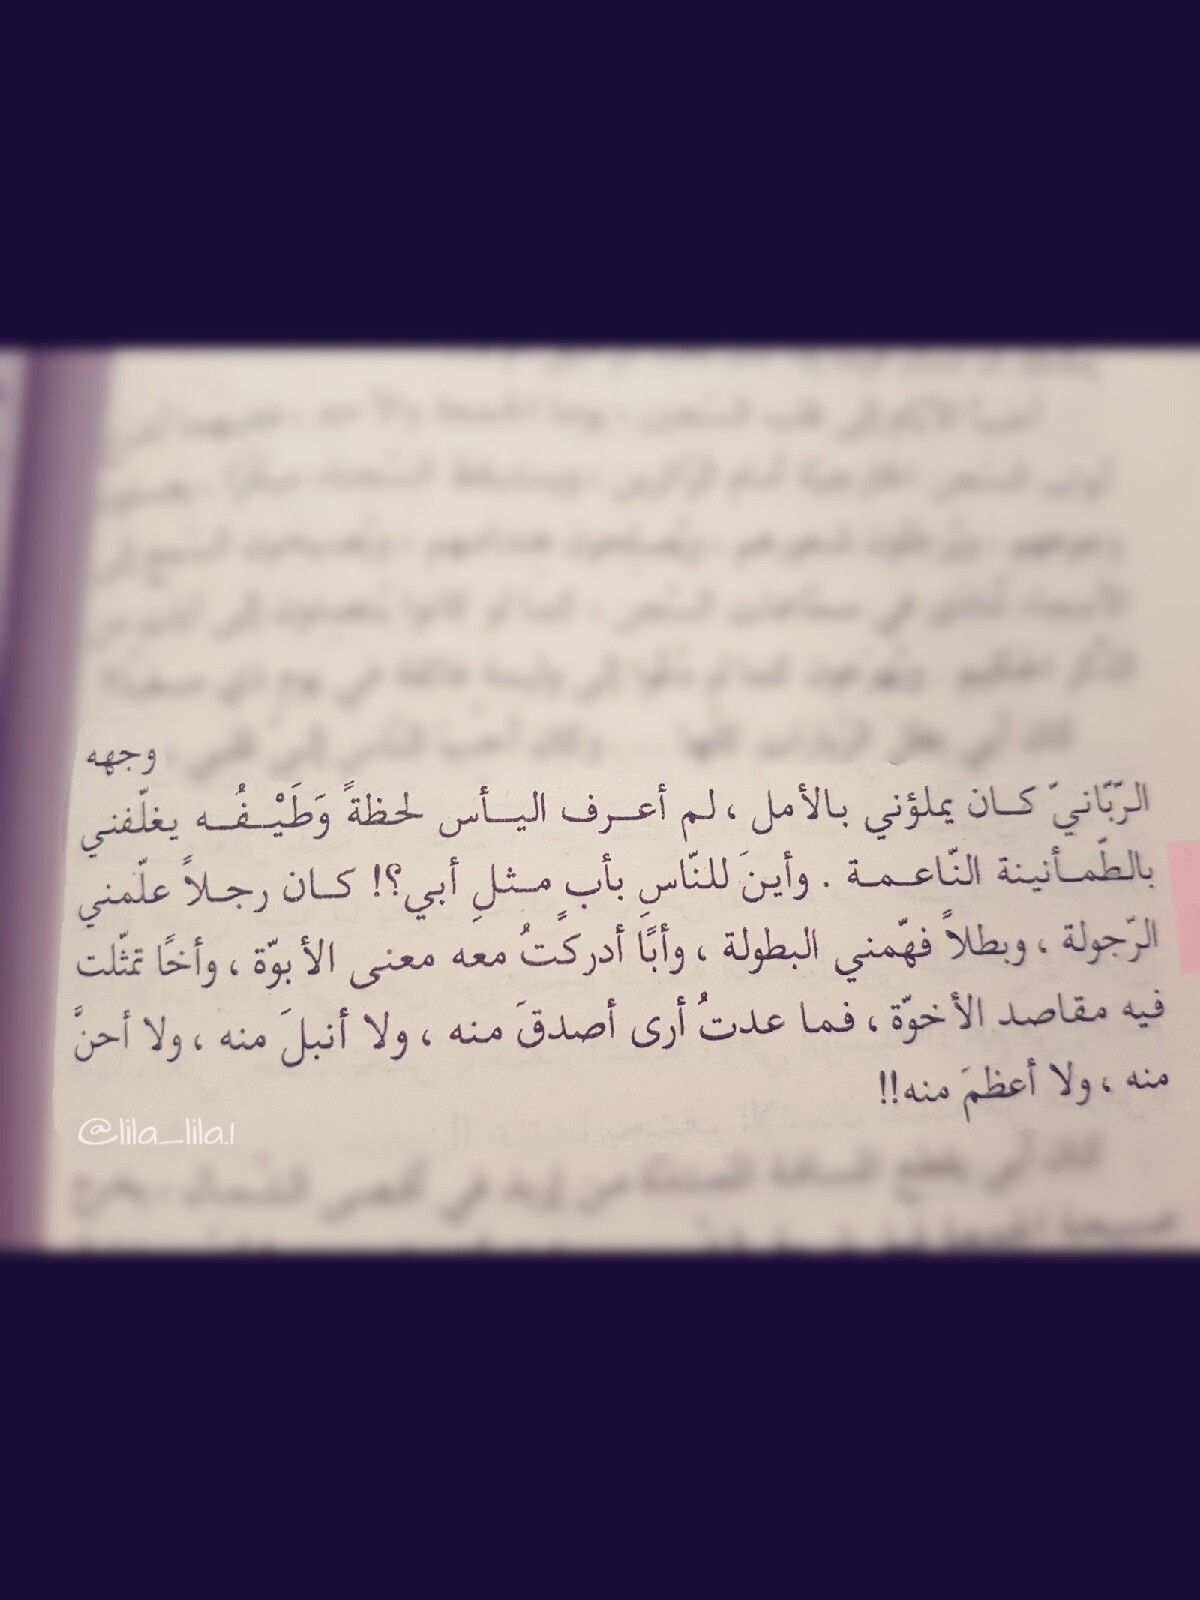 أيمن العتوم ياصاحبي السجن كتب إقتباسات الأب أبي Arabic Quotes Arabic Quotes